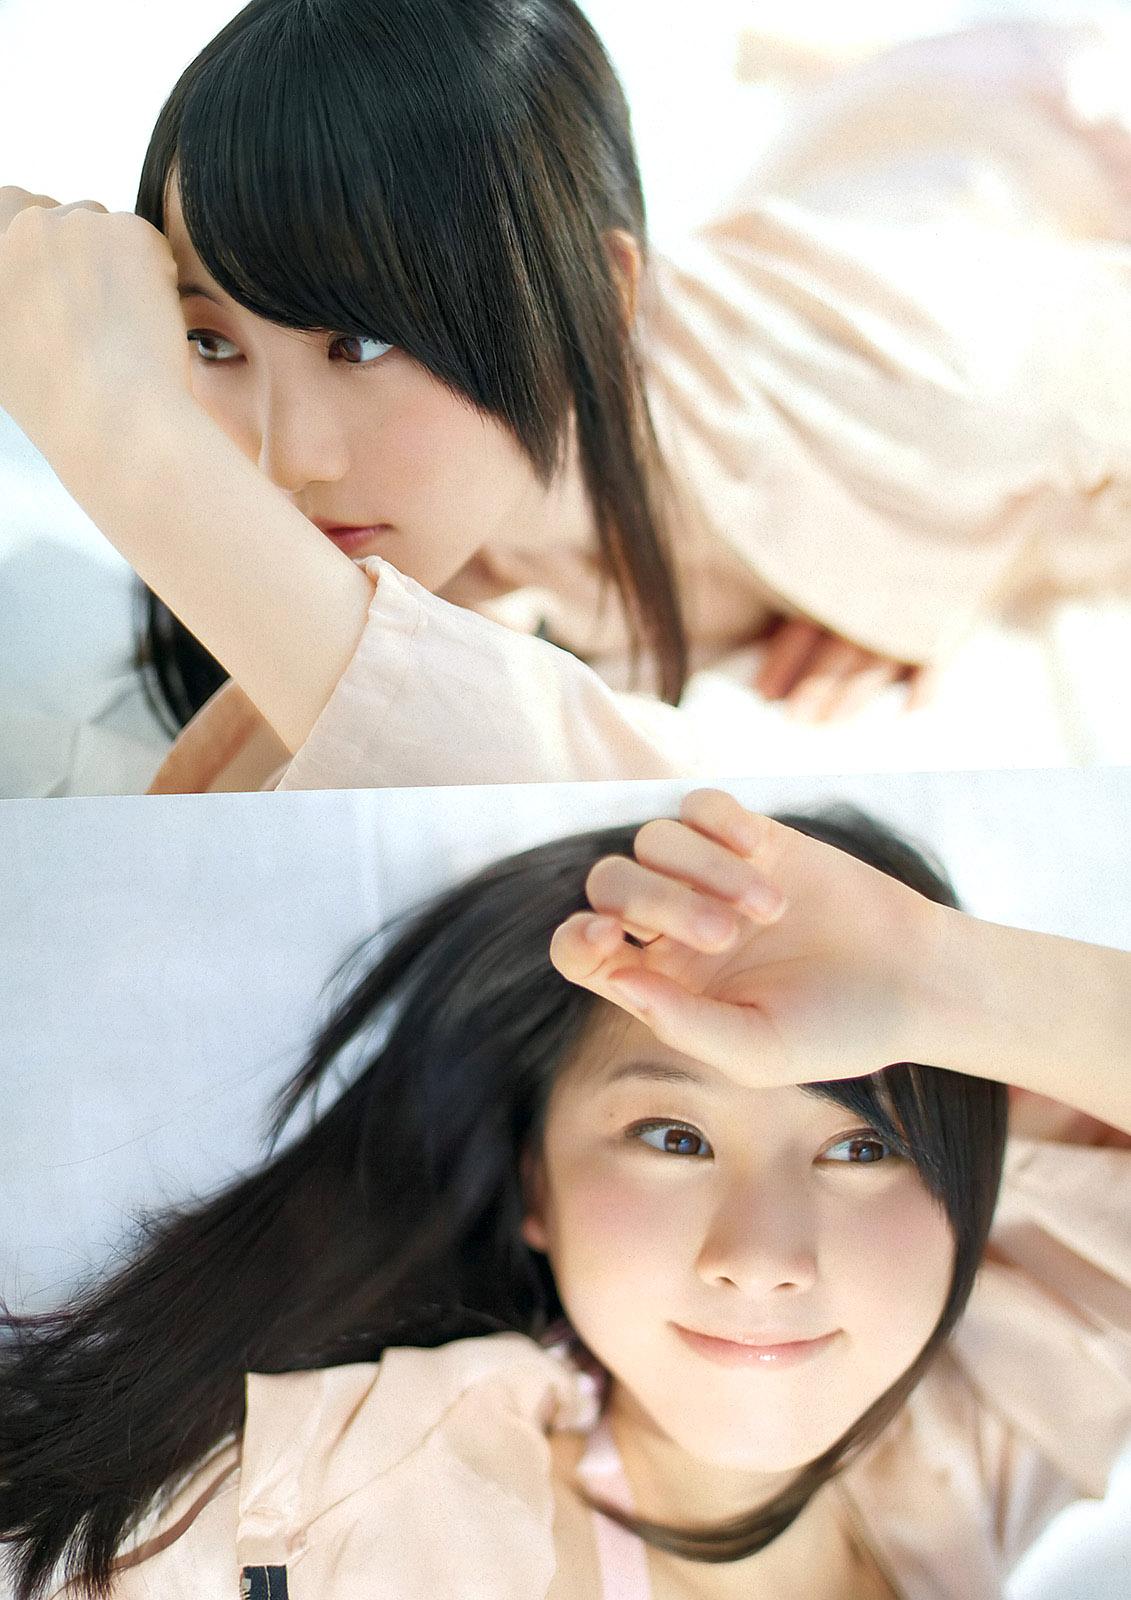 Rena Matsui WPB 120618 07.jpg